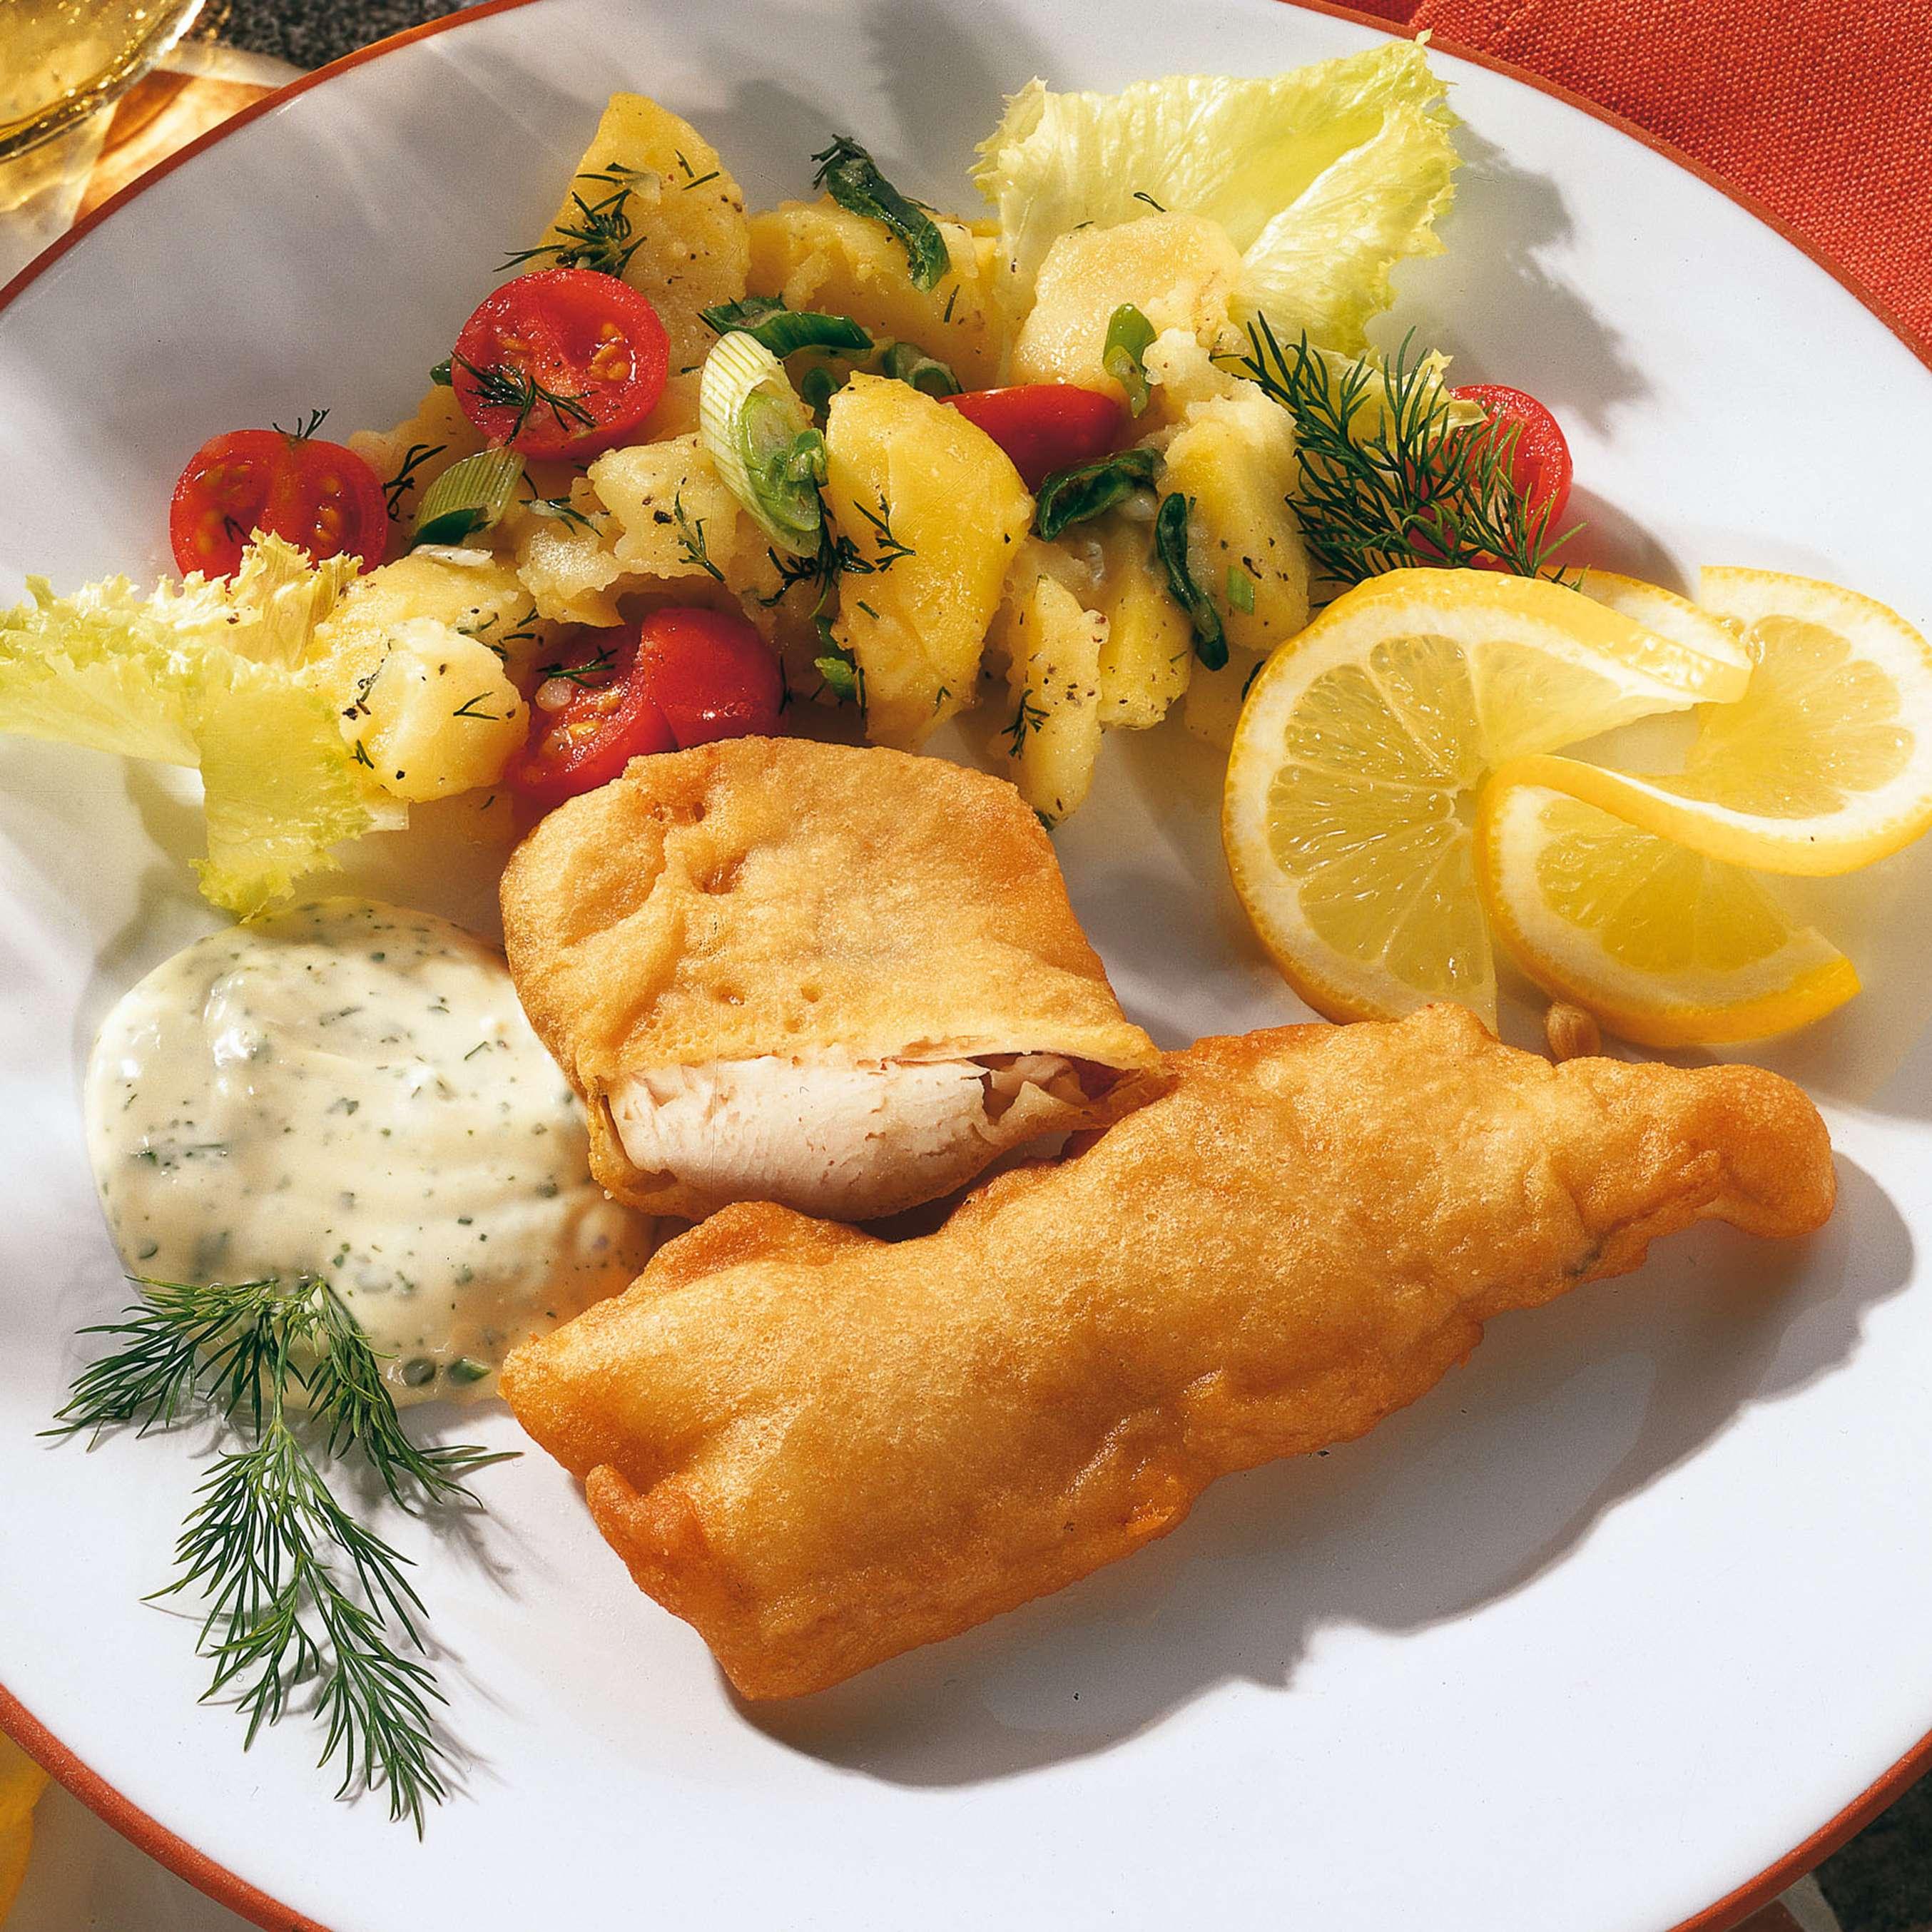 rezept f r backfisch im bierteig mit kartoffelsalat kaufland. Black Bedroom Furniture Sets. Home Design Ideas